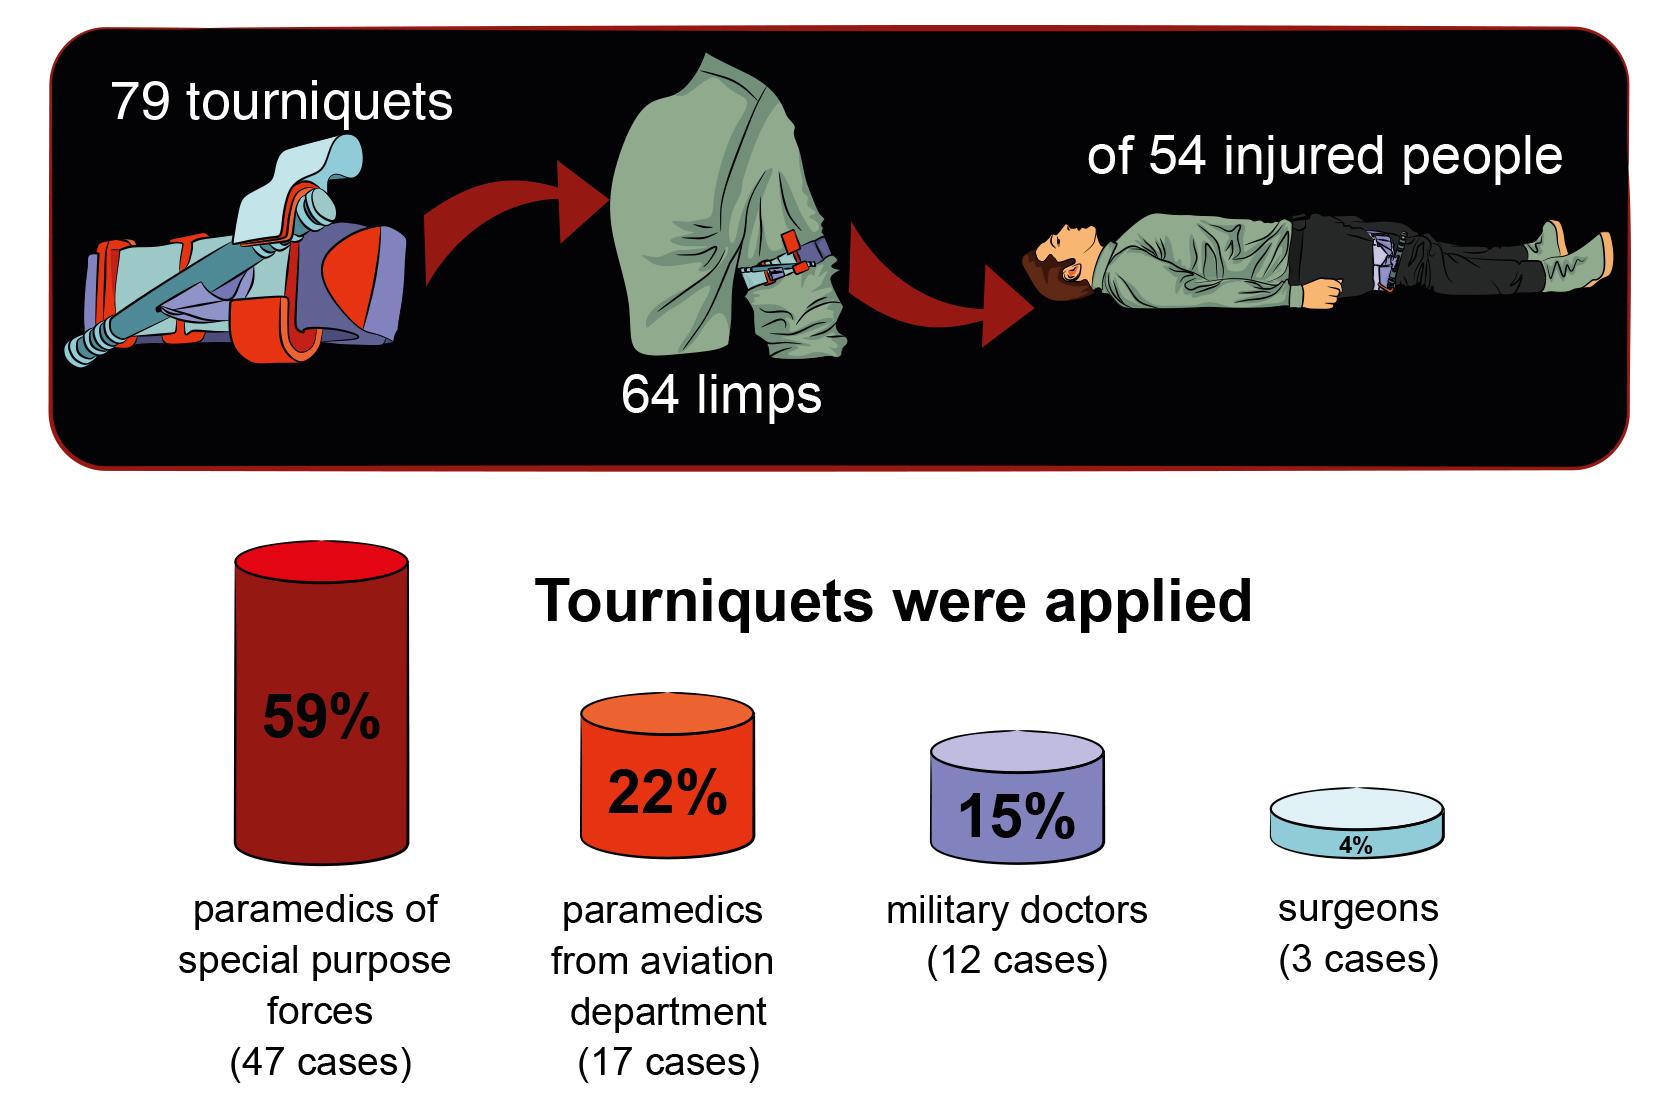 статистика накладення кровоспинних джгутів турнікетів